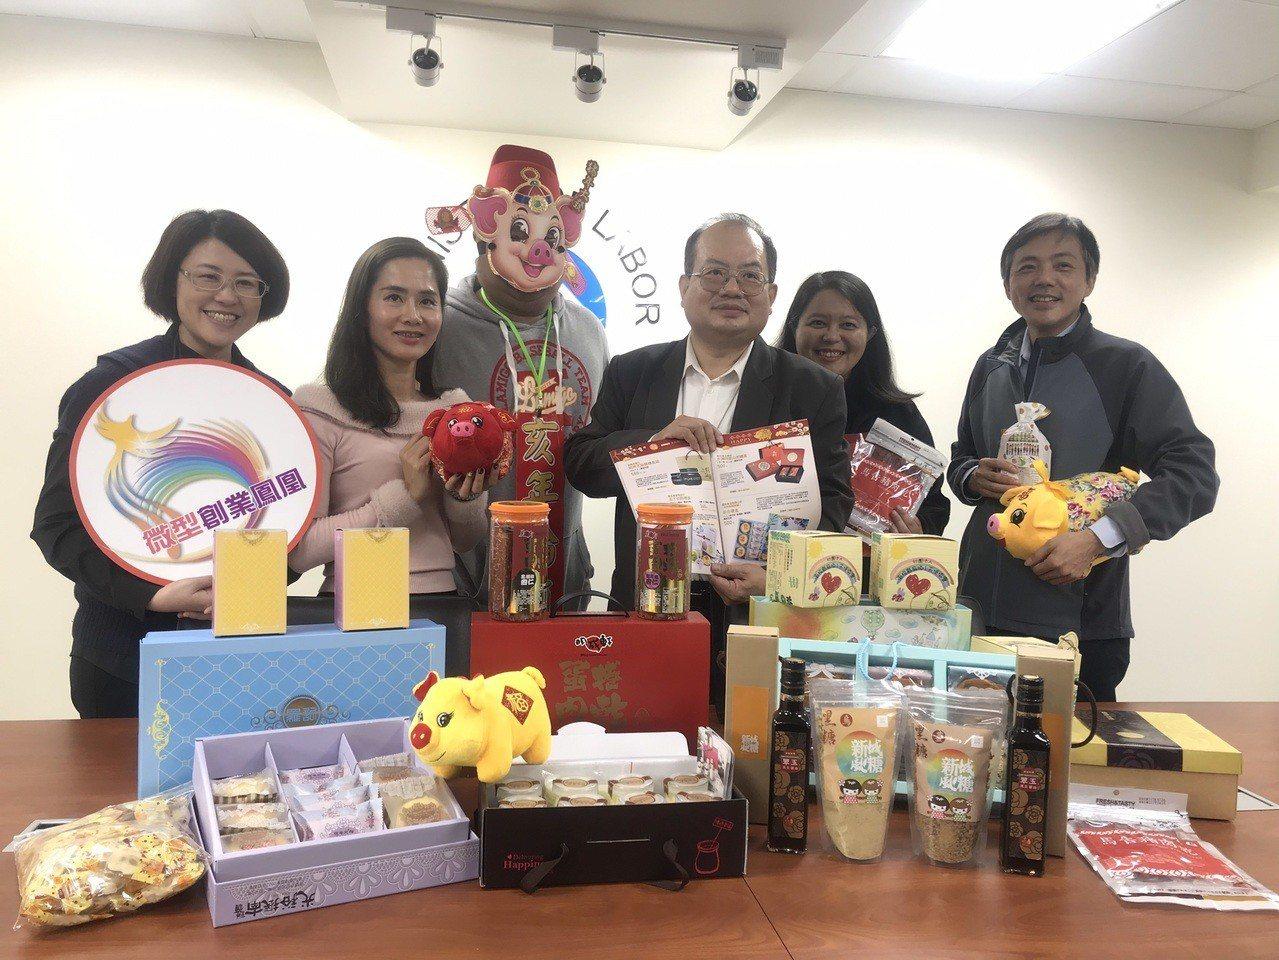 農曆春節將至,勞動部勞動力發展署輔導的在地就業店家和庇護工場,推出年節食品禮盒、...